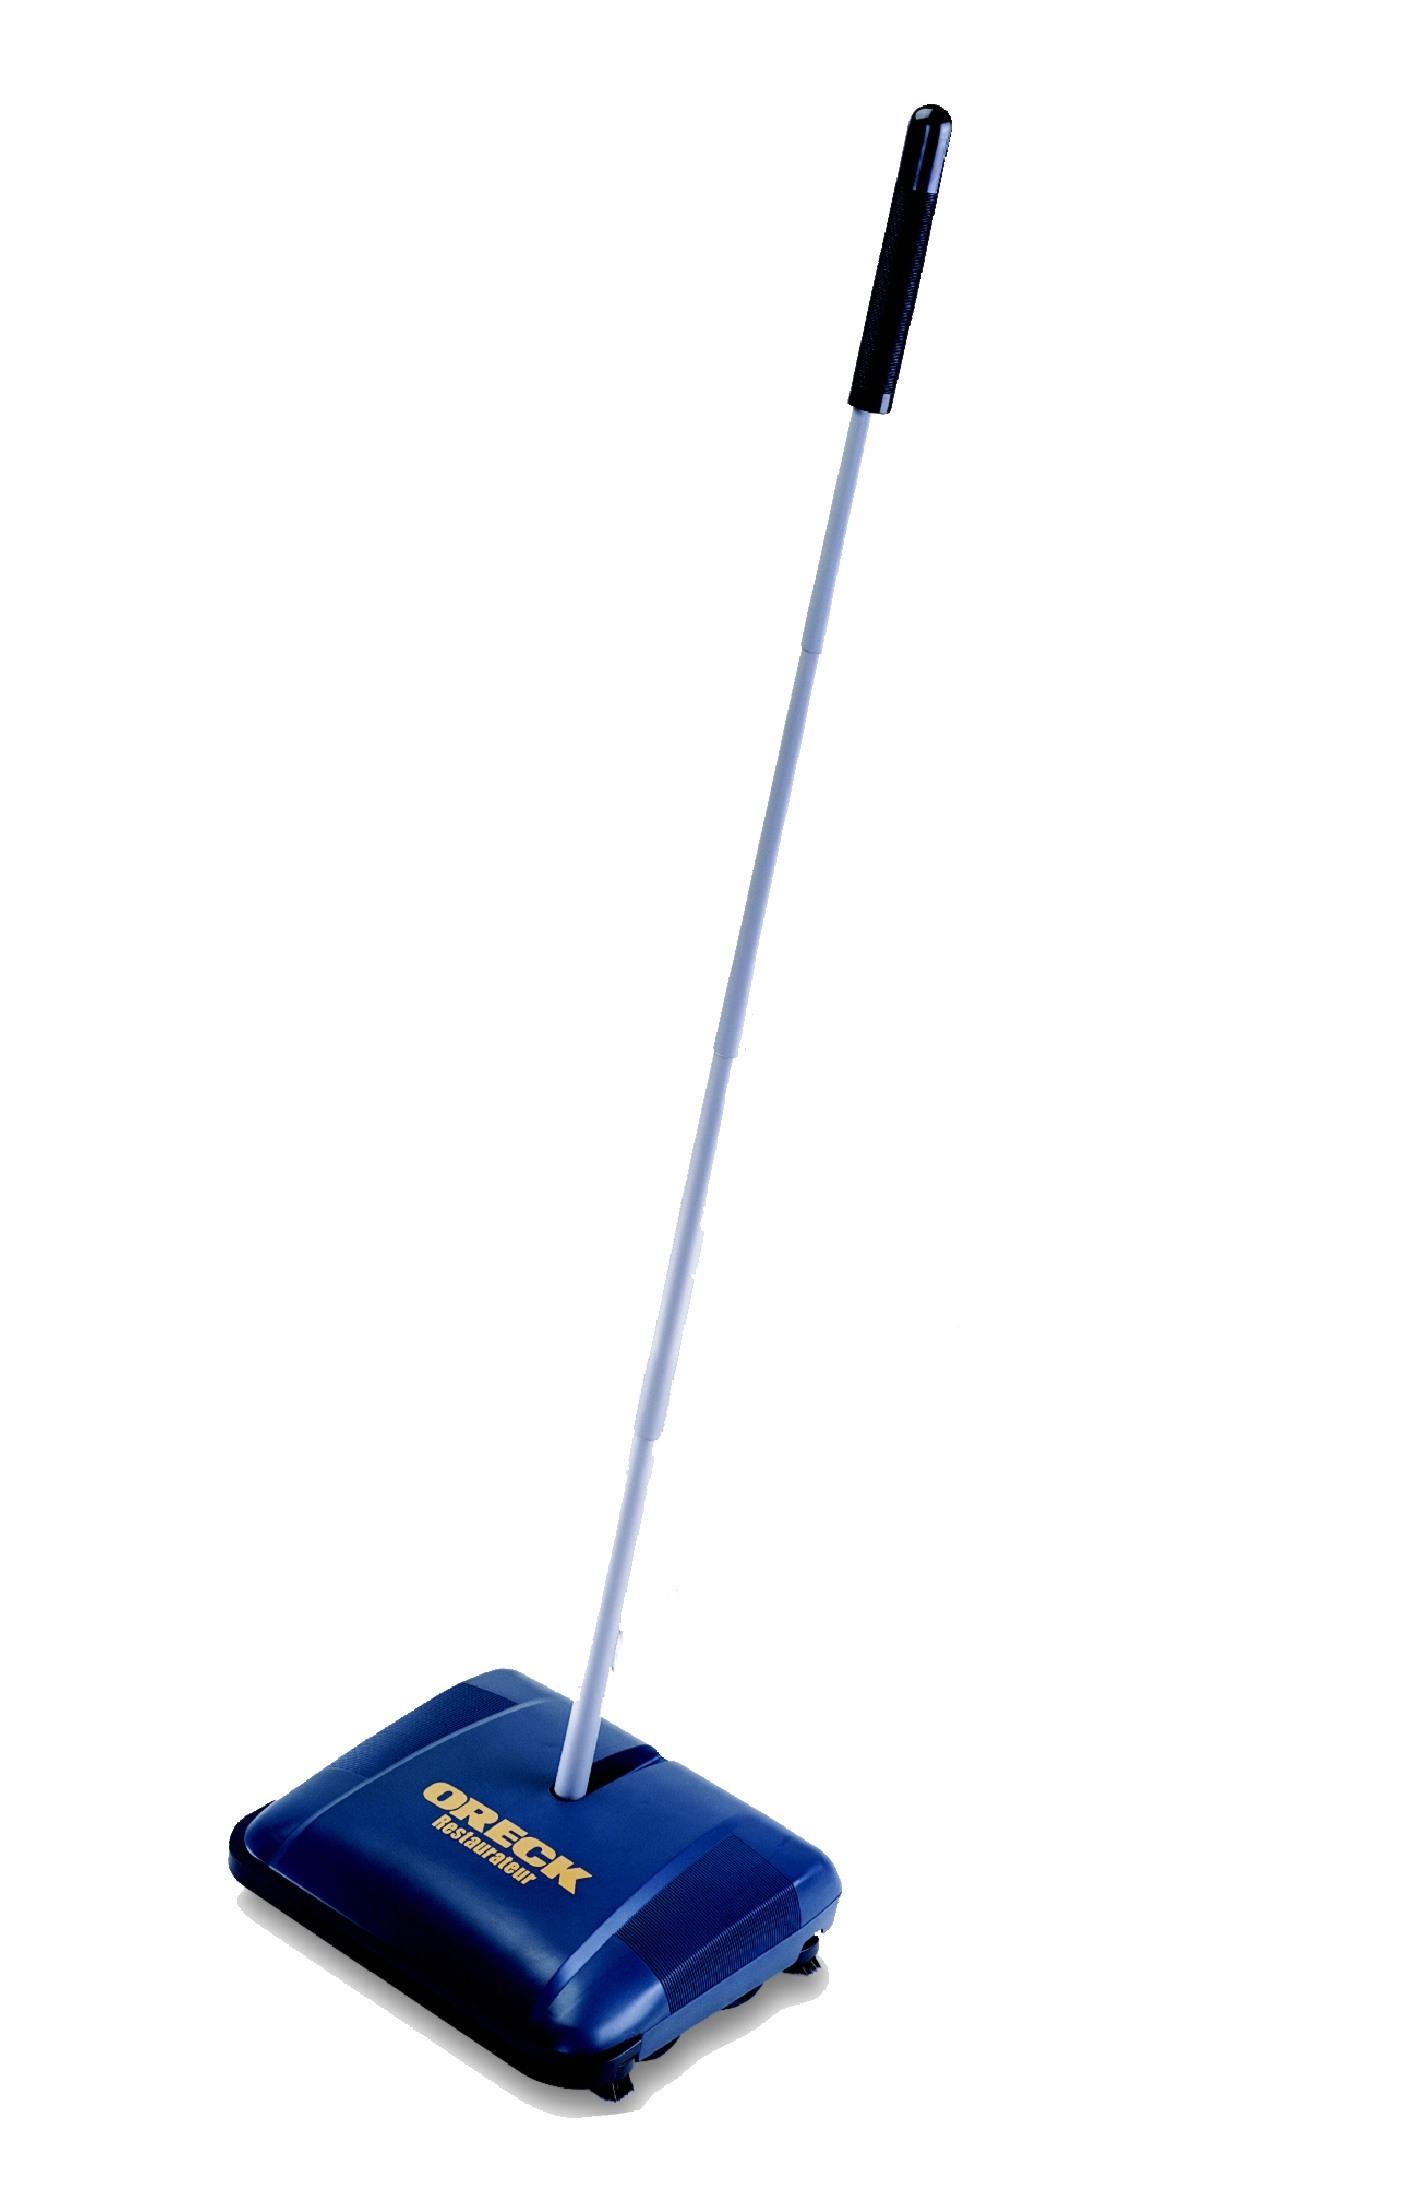 Hoky Pr3200 Carpet Sweeper Model Vacuum Cleaners Vacuums